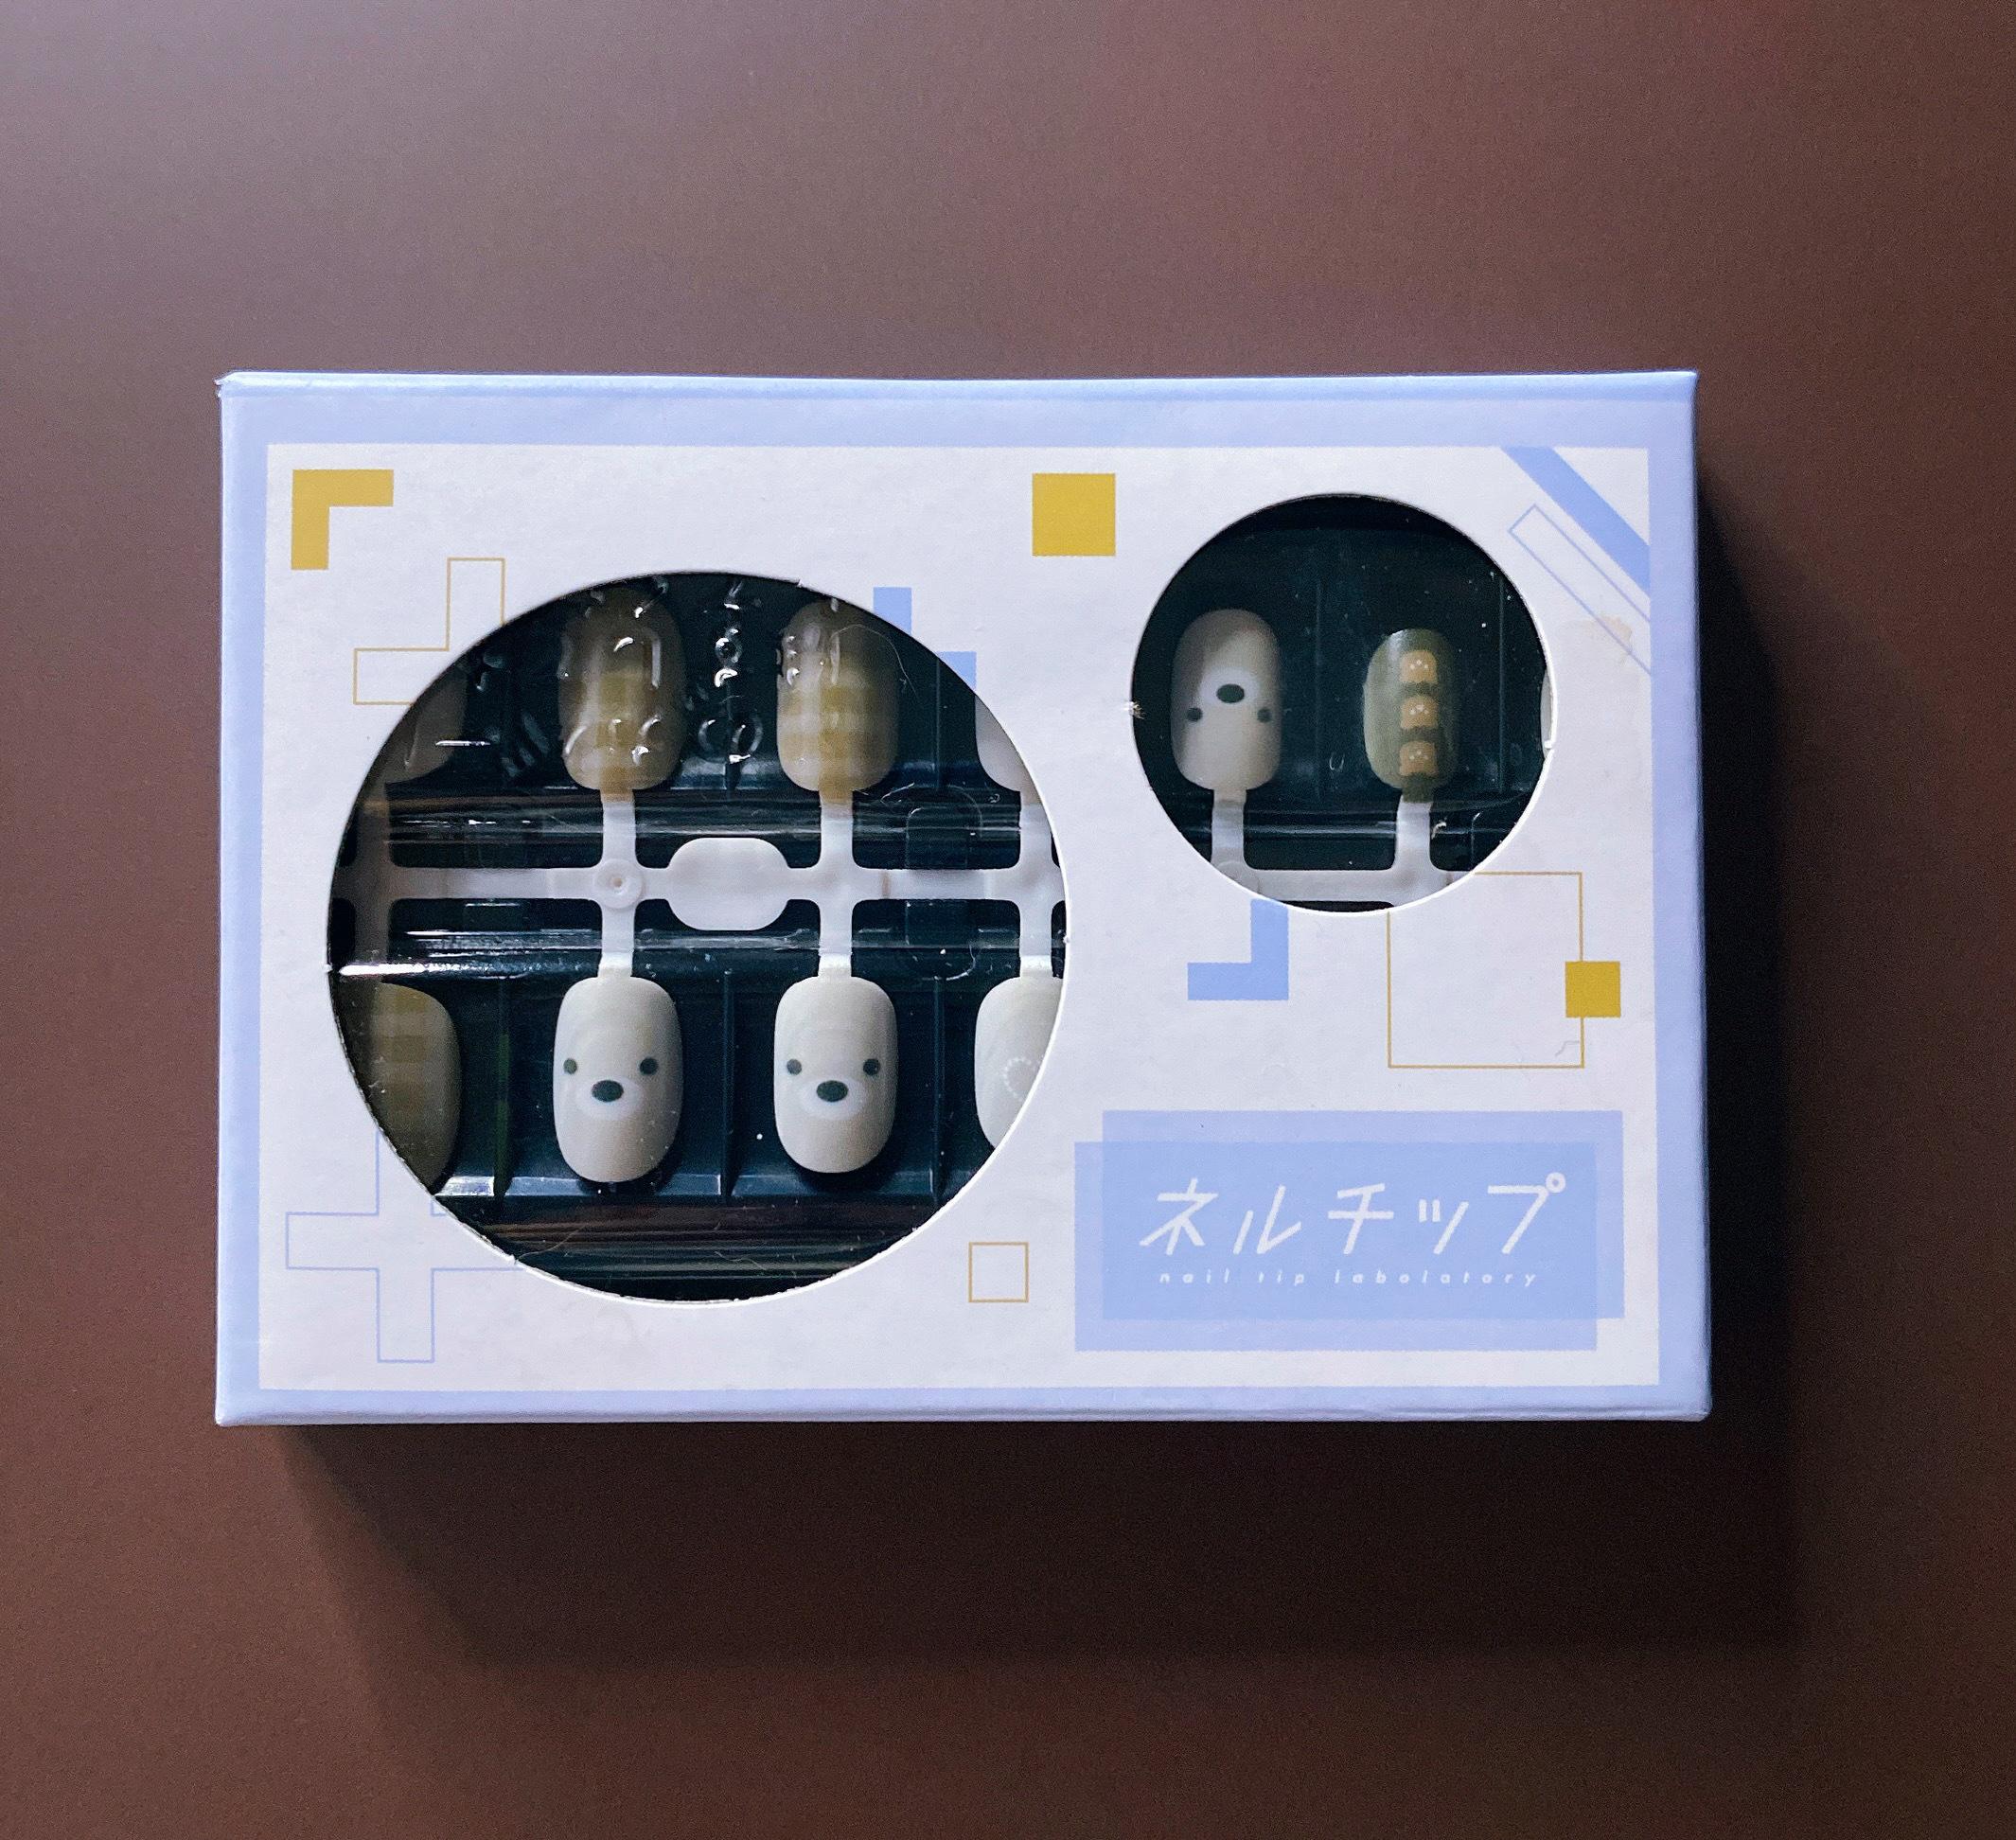 500円でオリジナルのネイルチップが作れる【ネルチップ】